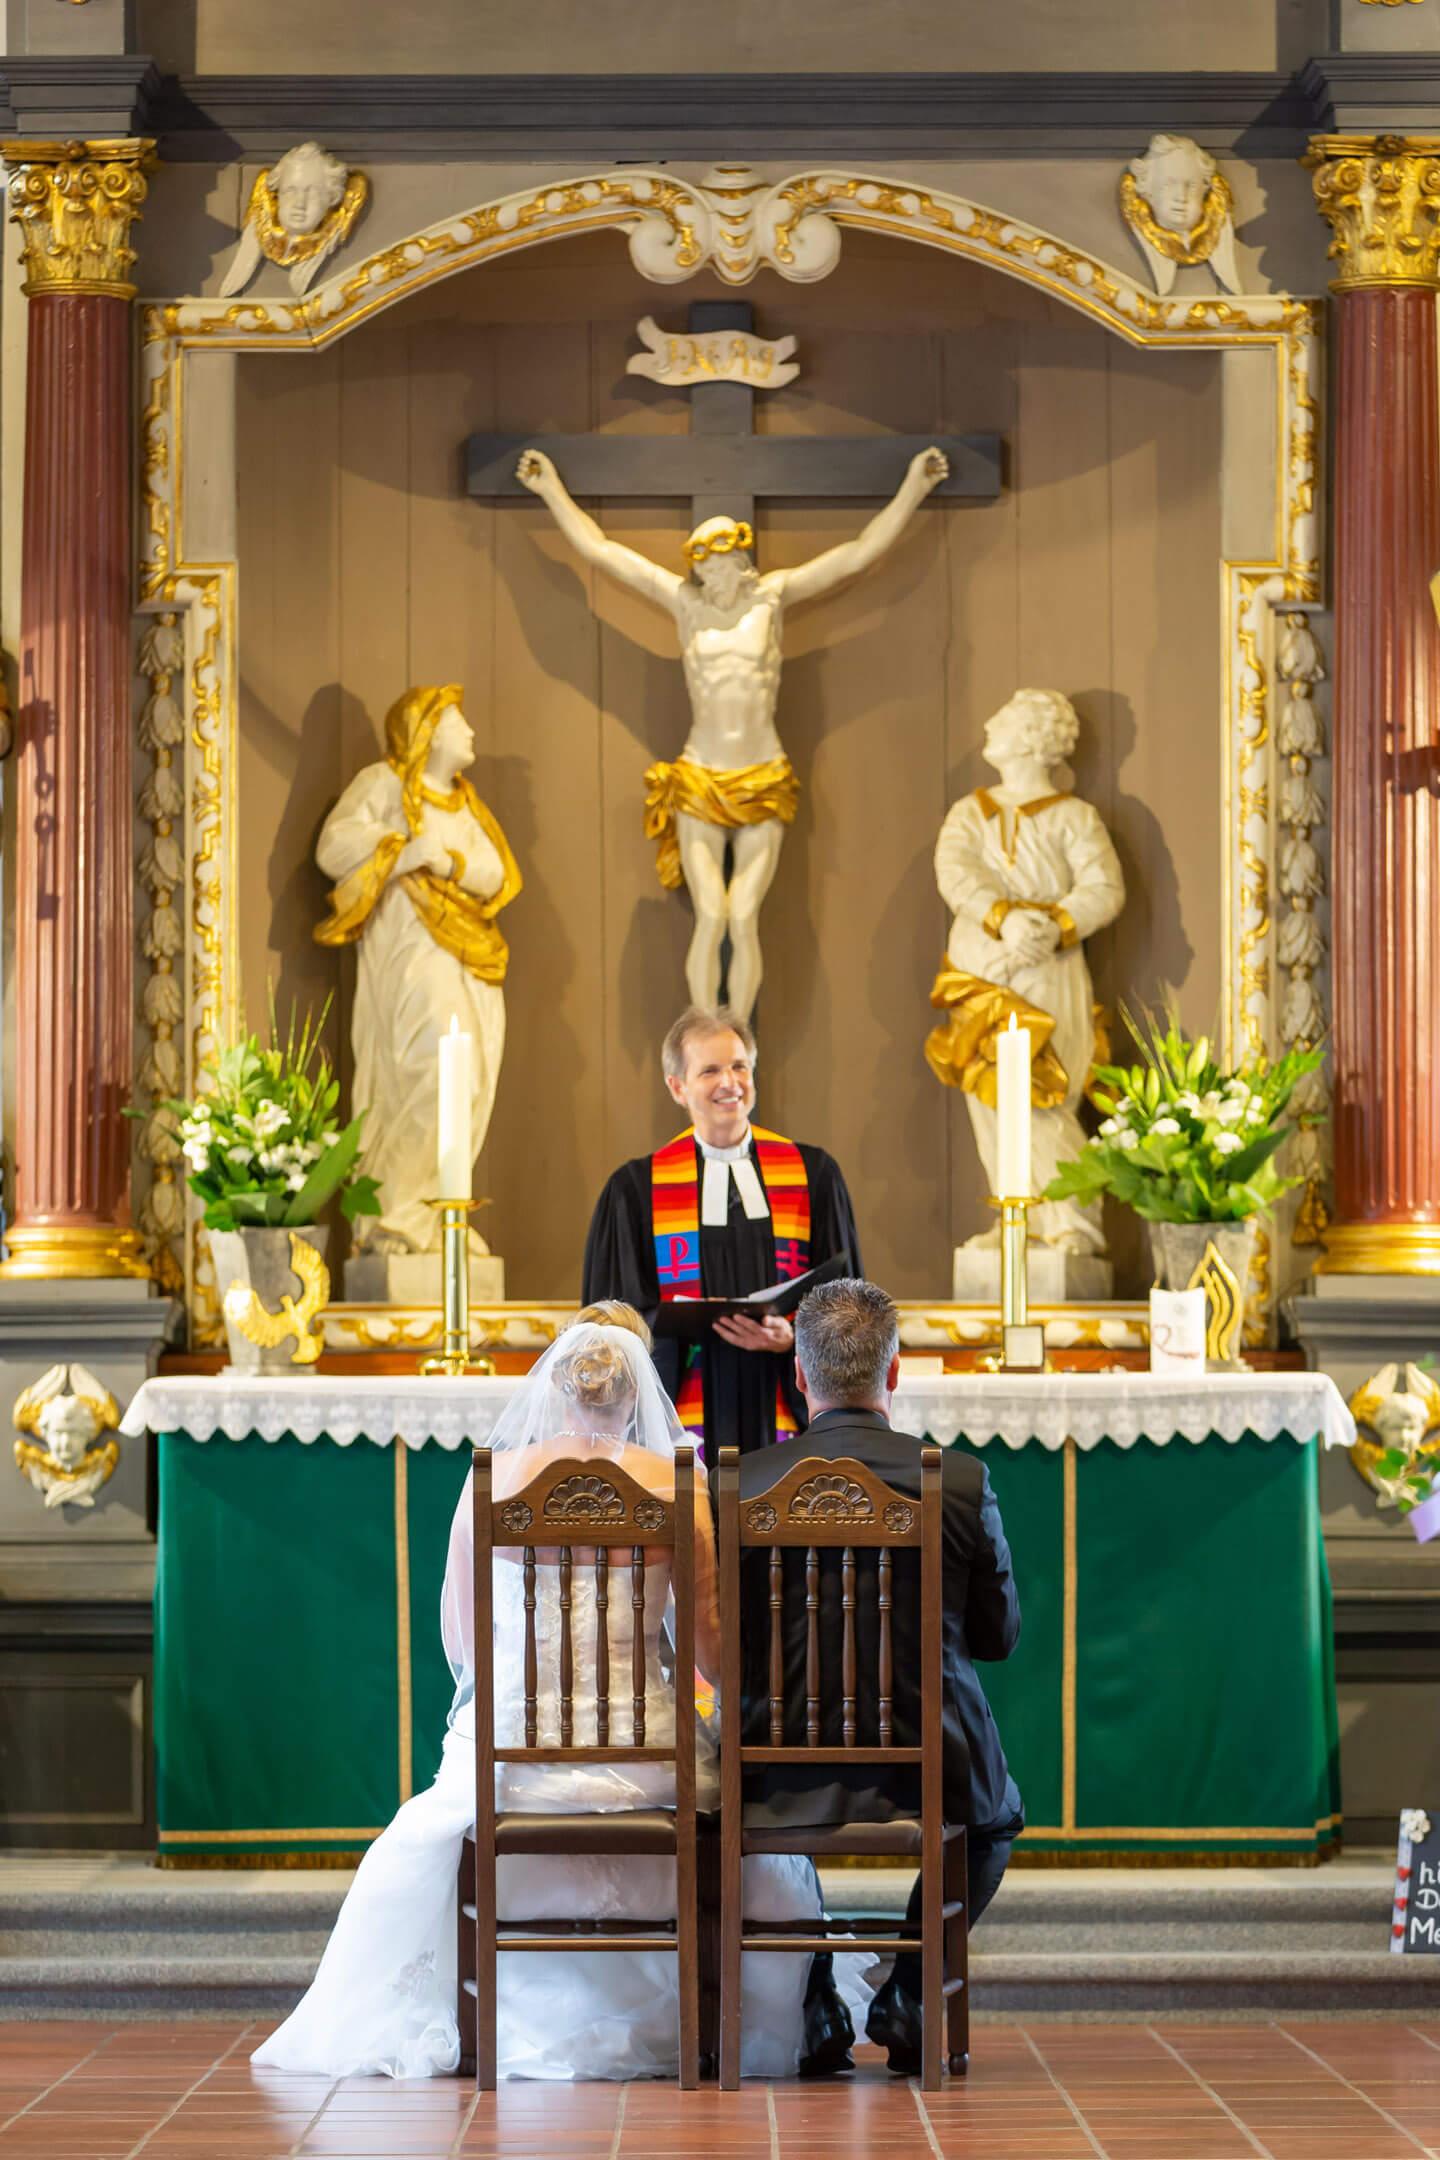 Trauung in der Heiligen-Geist-Kirche in Barmstedt